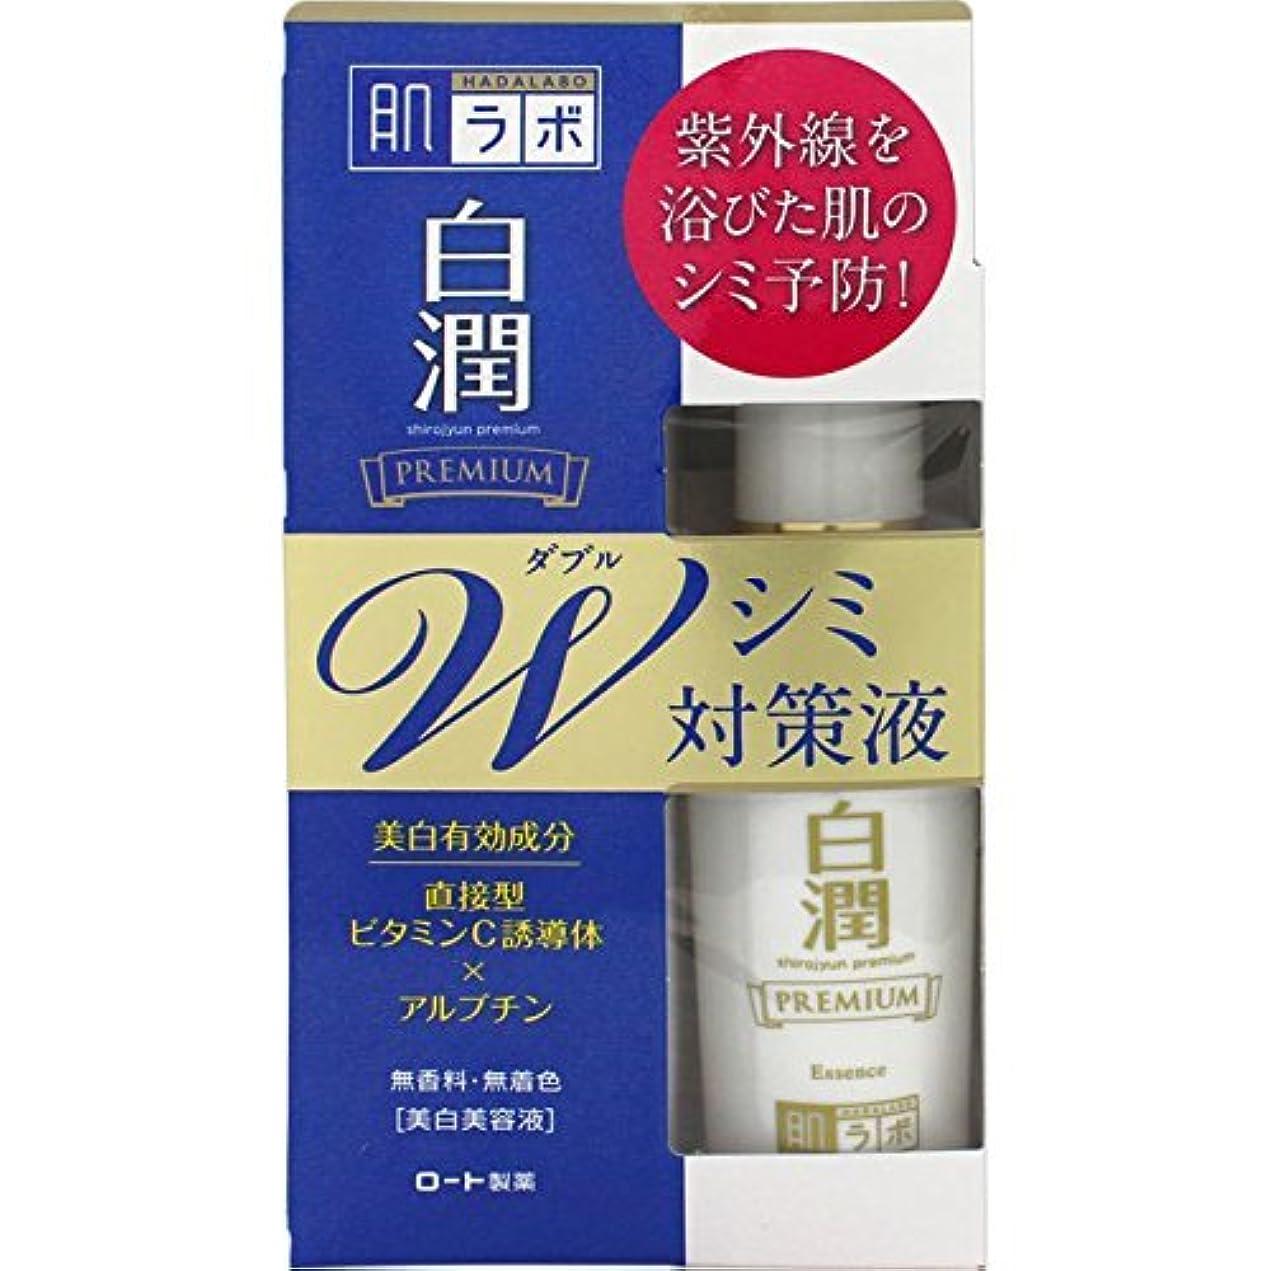 参加する発行あいさつ肌ラボ 白潤 プレミアムW美白美容液 40mL (医薬部外品)×4